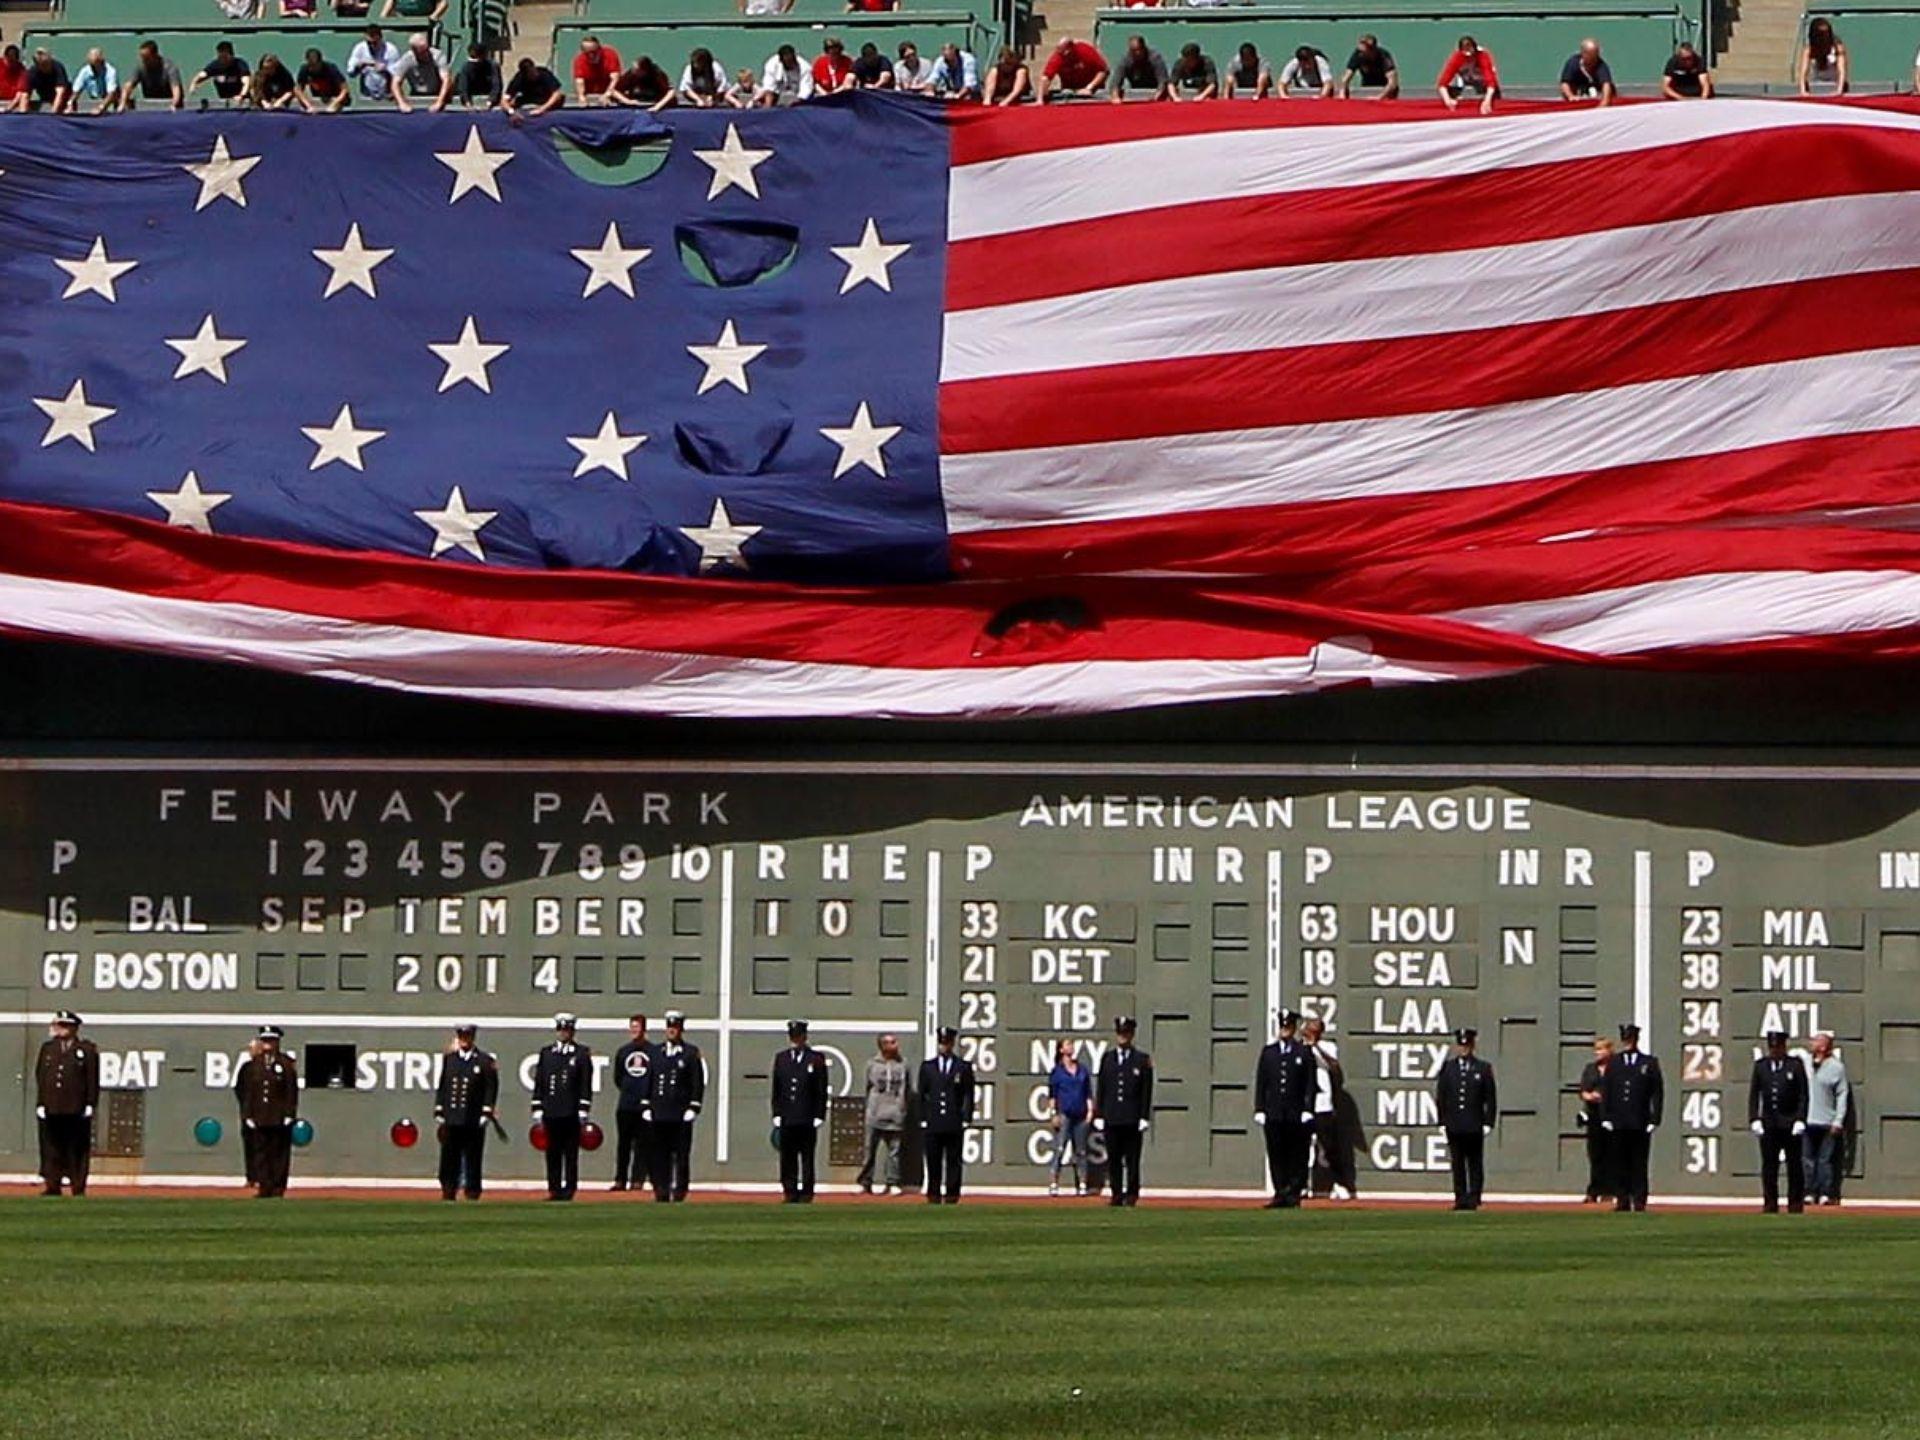 美国当地时间9月10日,在波士顿的芬威球场举行的一场棒球比赛开始前,球员和现场观众纪念911事件13周年。一面巨大的美国国旗悬挂在观众席上。